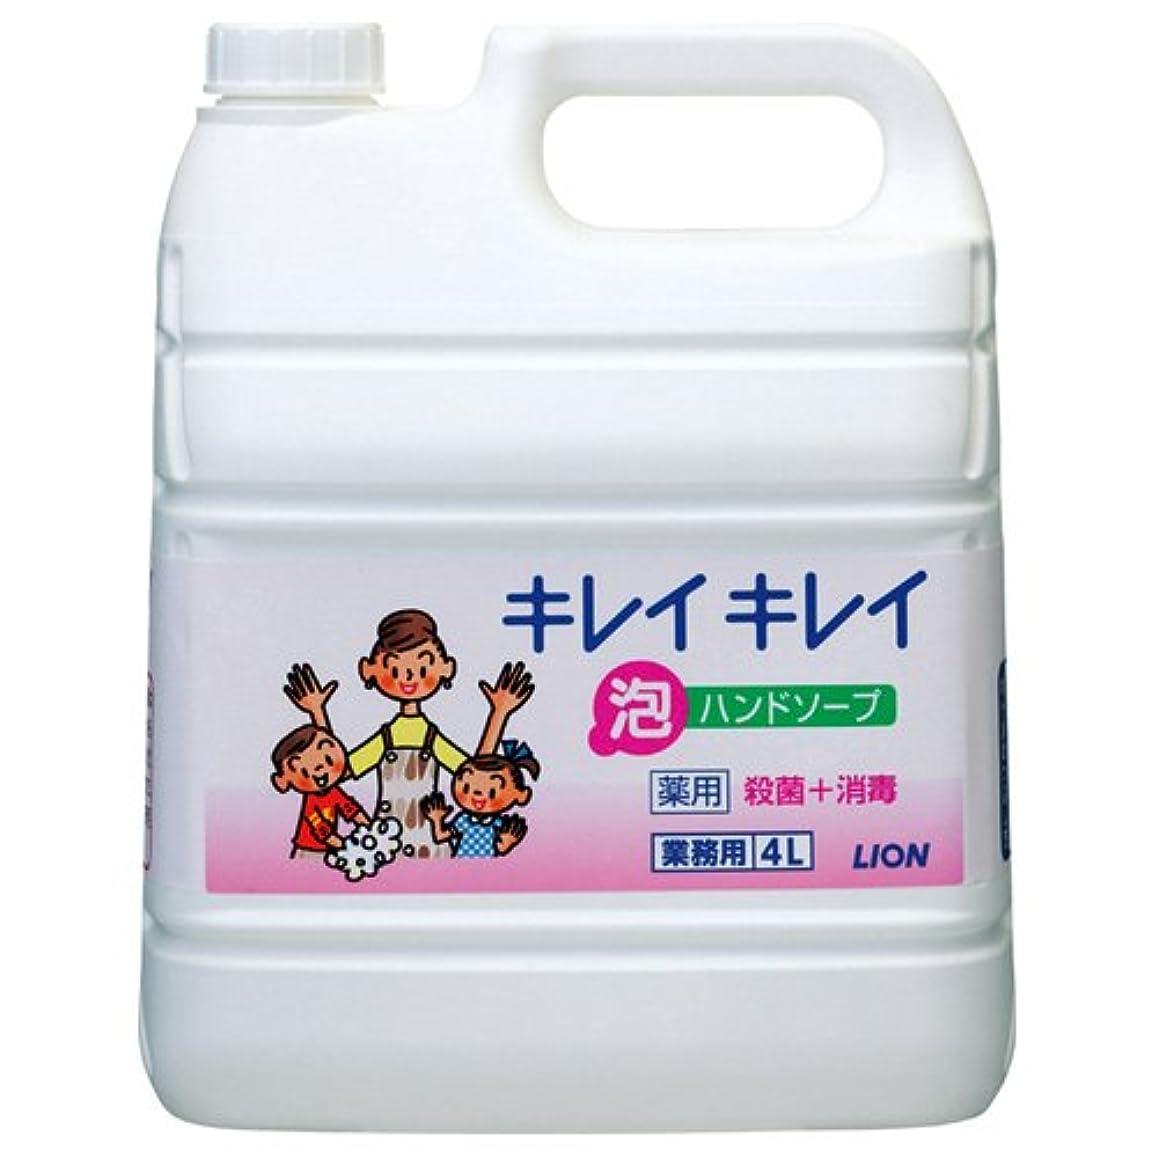 アクロバット候補者パフ[ライオン 1675096] キレイキレイ 薬用泡ハンドソープ 業務用 4L